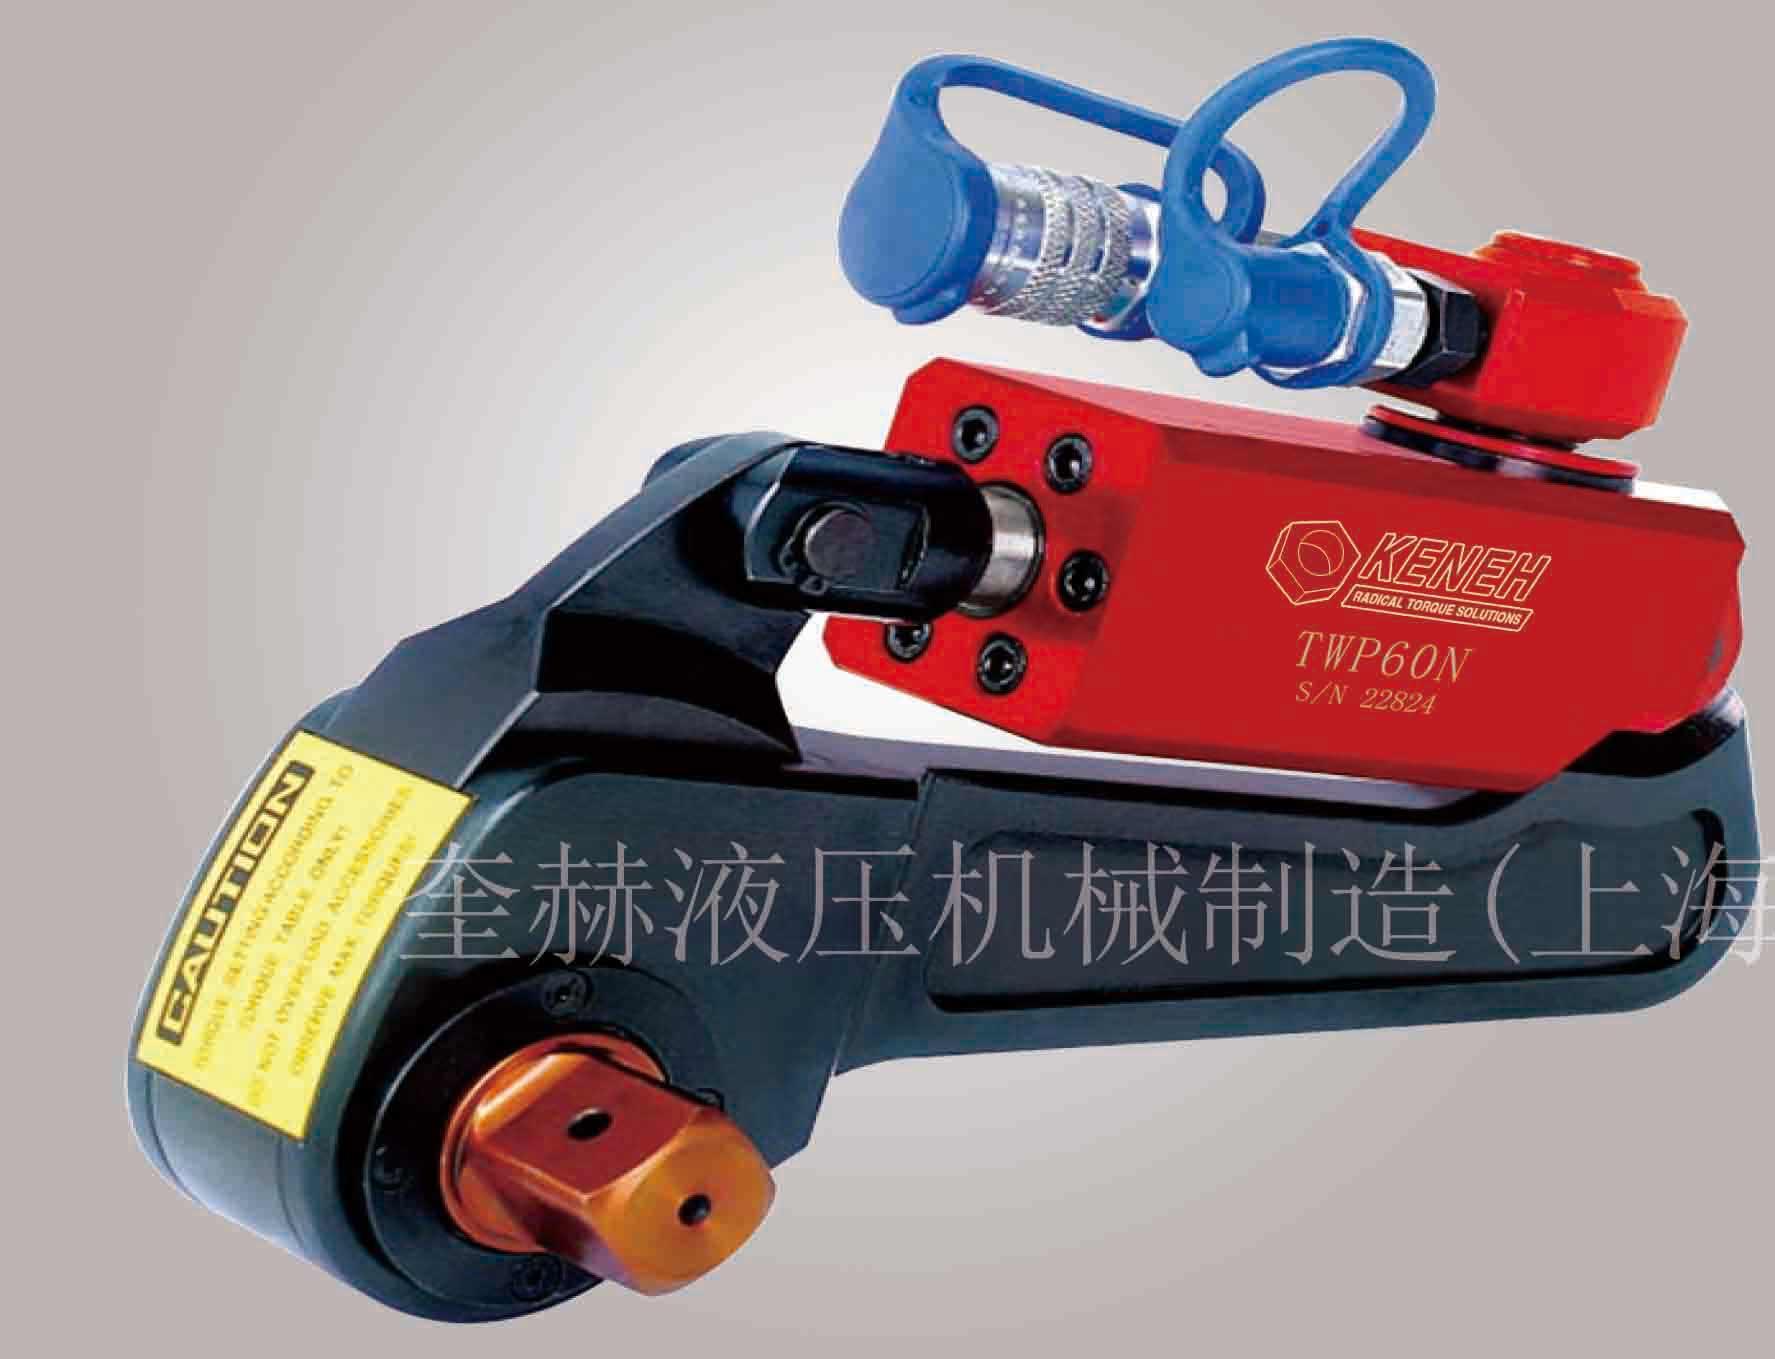 液压扭矩扳手大扭矩液压扳手价格公道厂家直销液压扳手生产厂家